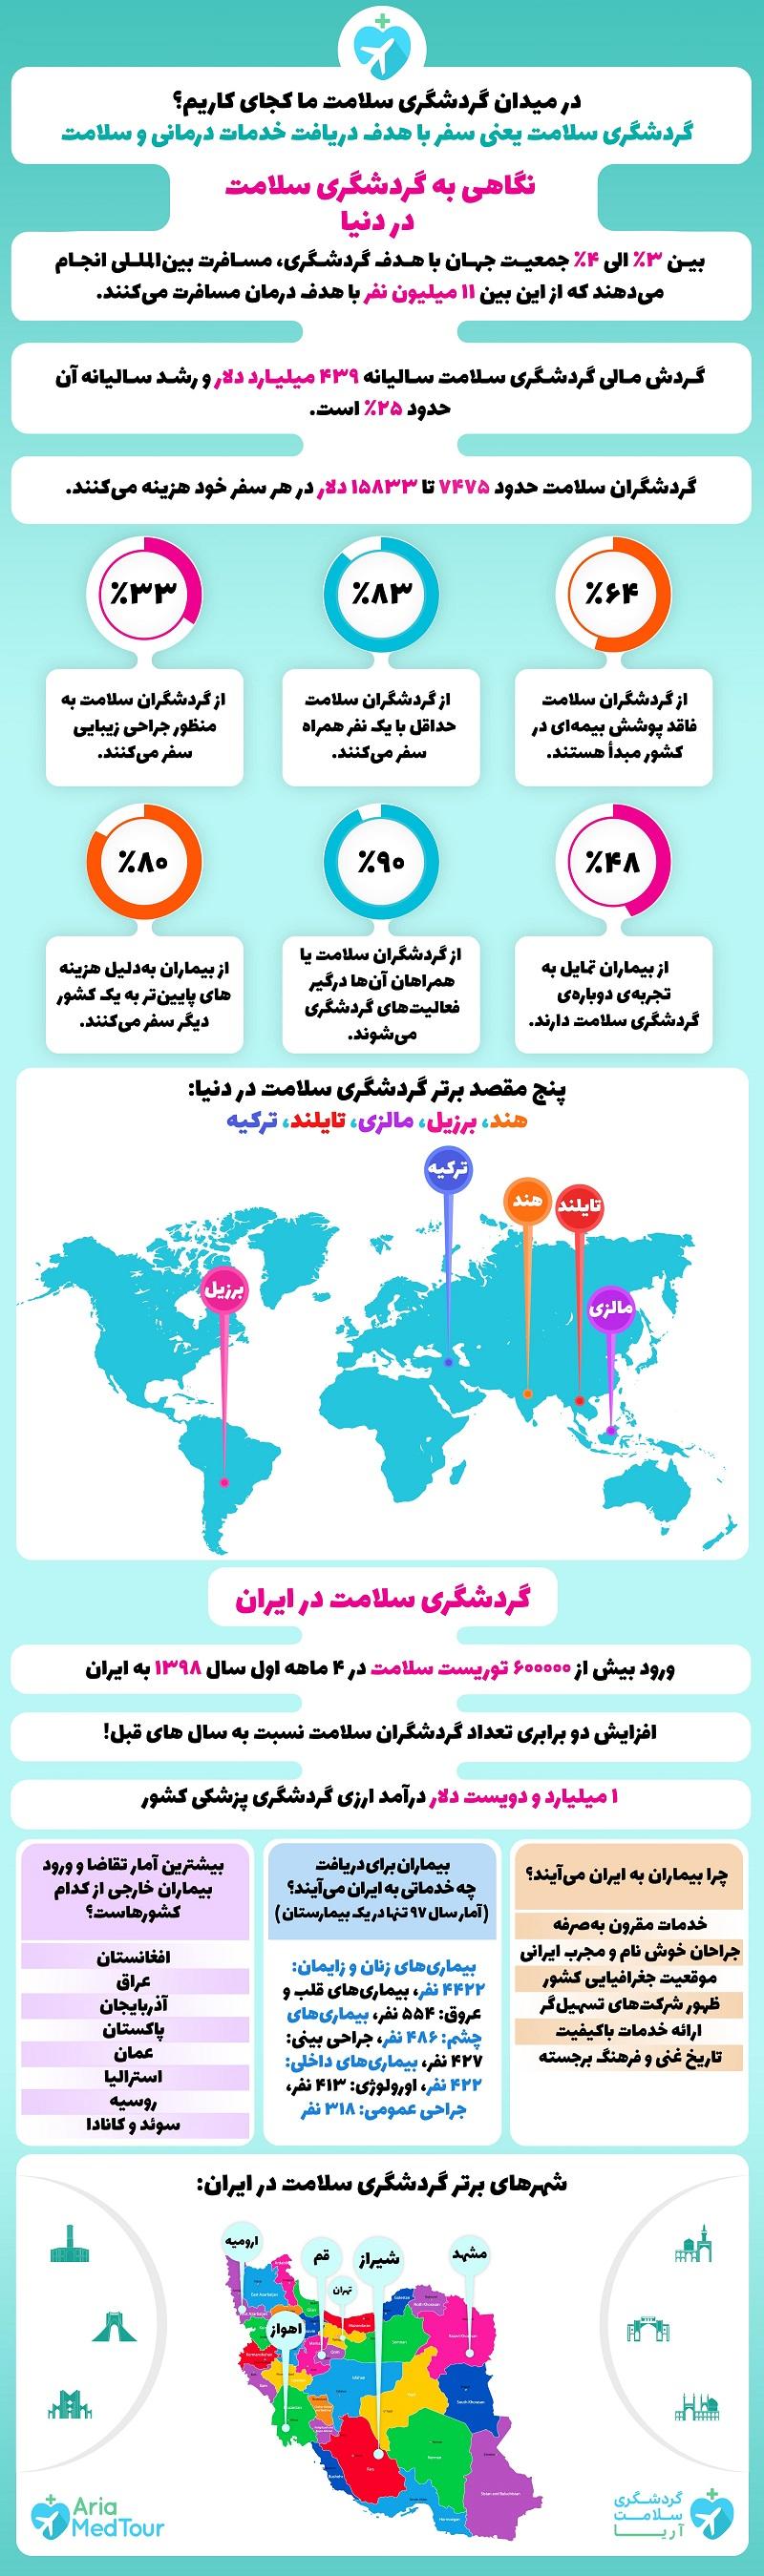 اینفوگرافیک آمار و ارقام گردشگری سلامت ایران و دنیا